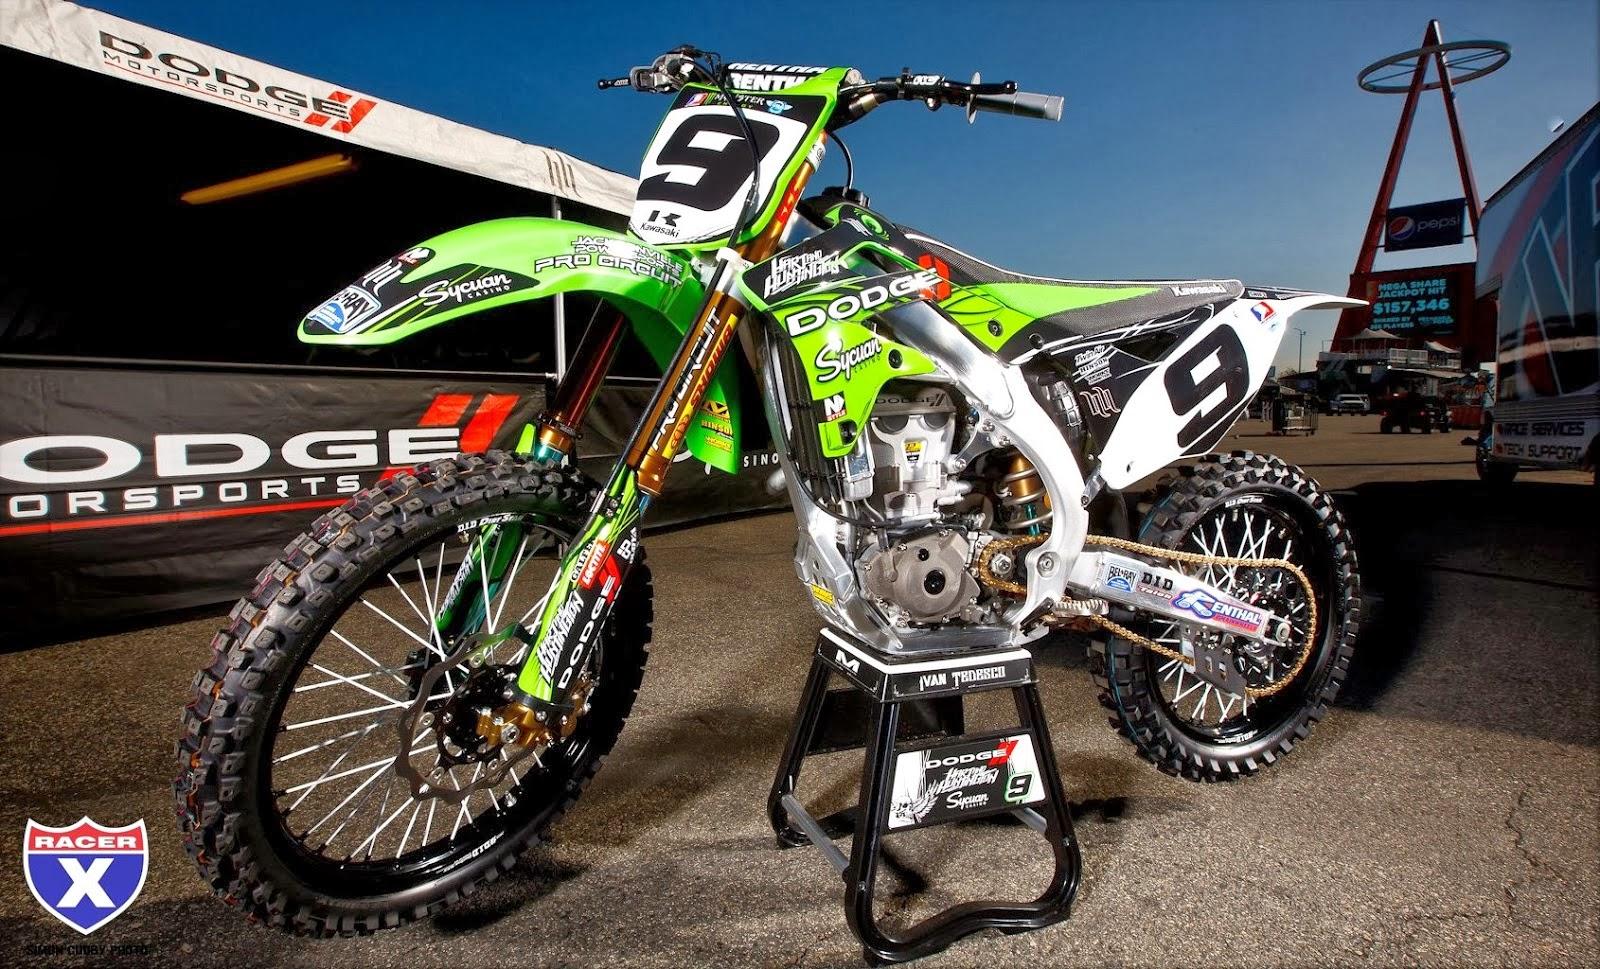 Motocross Bikes Monster Energy